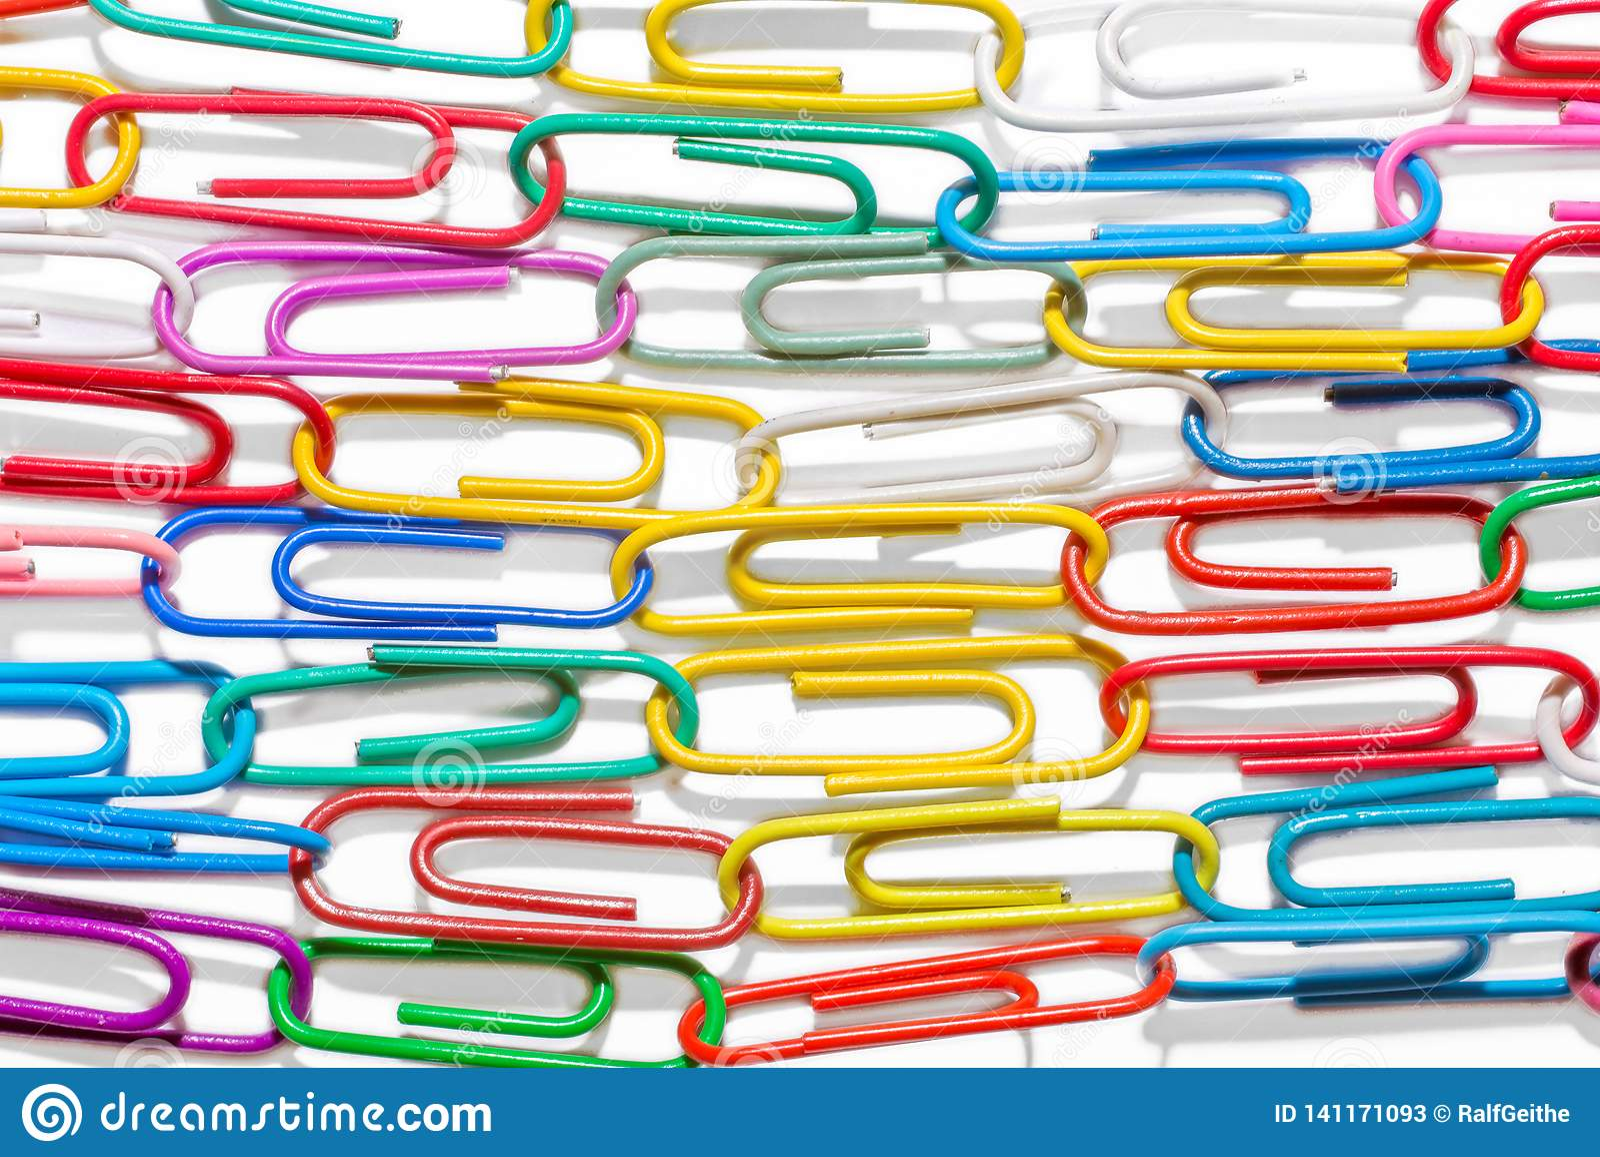 从五颜六色的纸夹的五颜六色的纹理